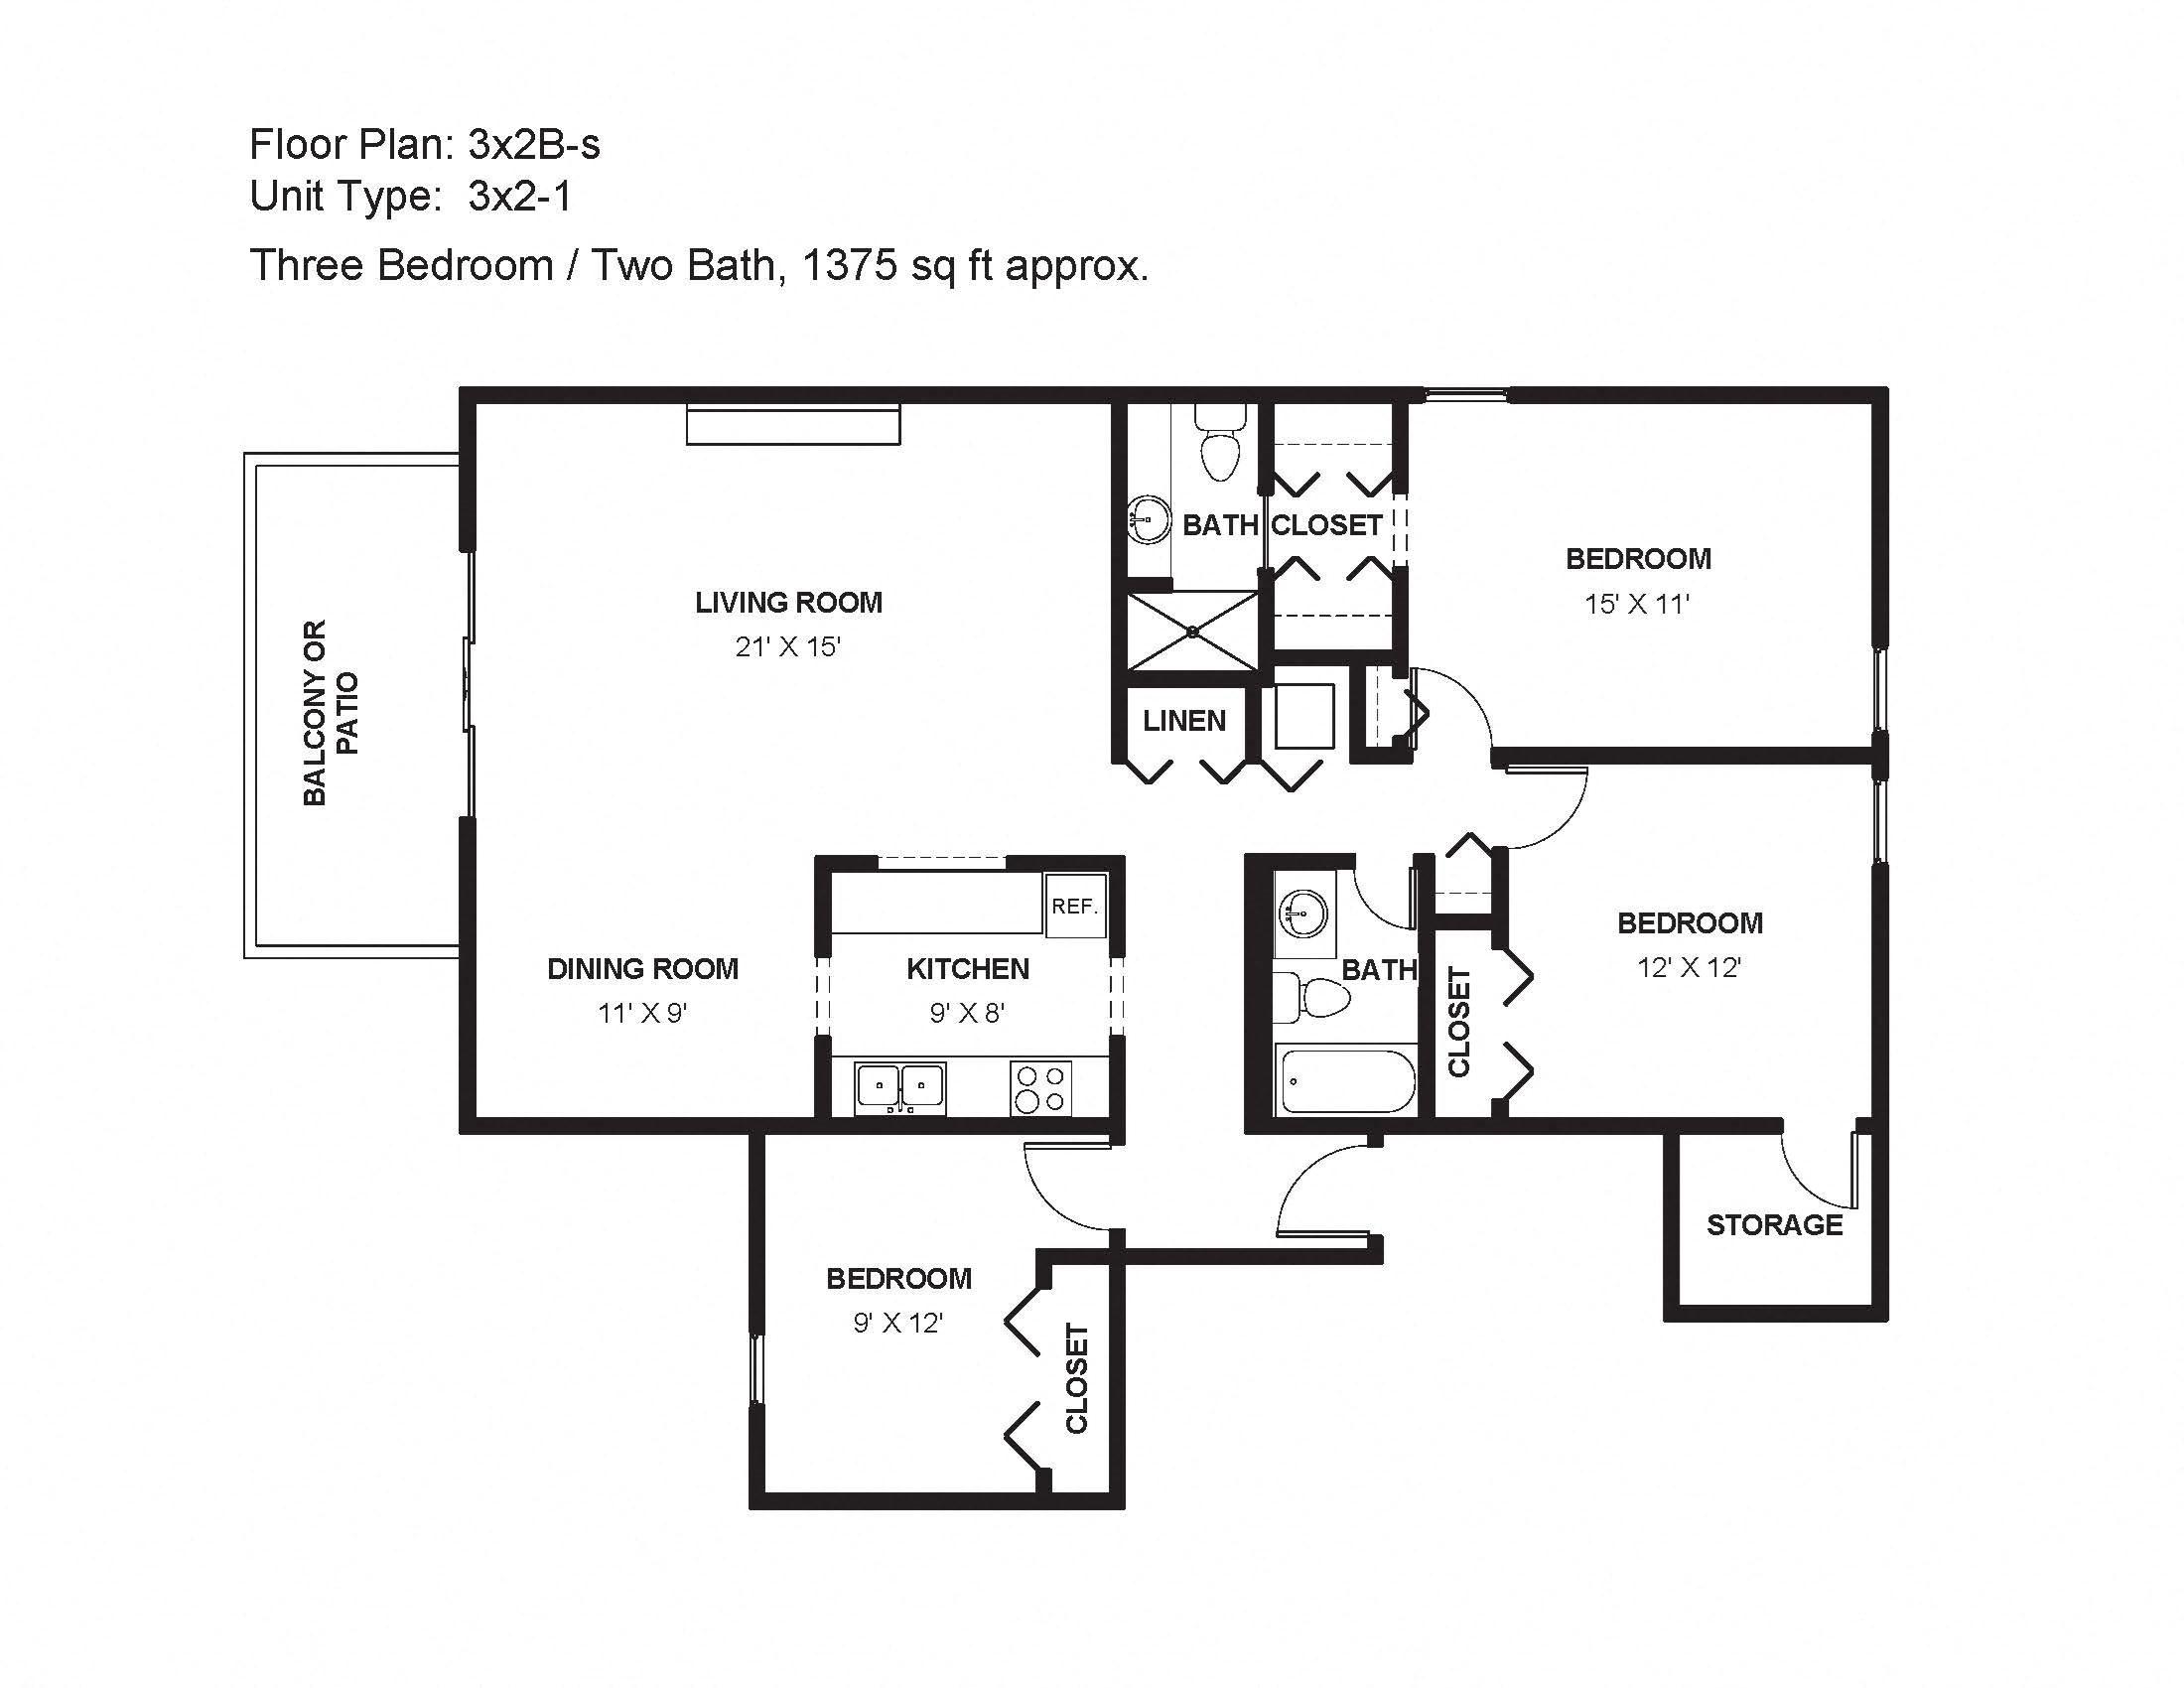 3x2B-s Floor Plan 32